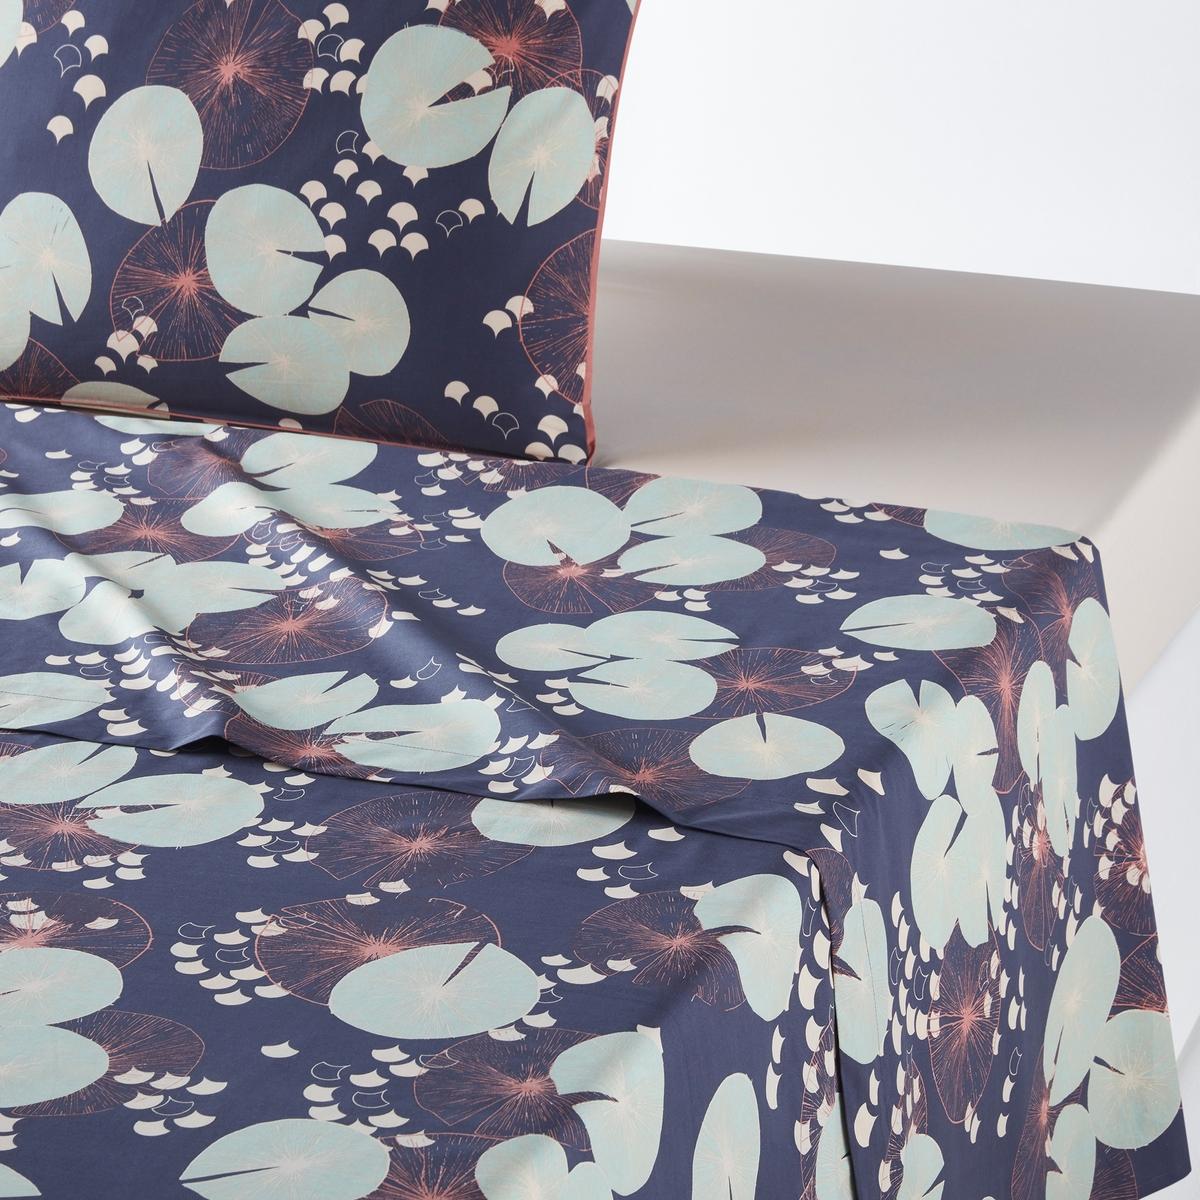 Простыня гладкая с рисунком из перкали JARDIN D'EAUОписание:Погрузитесь в мир снов в атмосфере дзен, гладкая простыня Jardin d'Eau с рисунком из кувшинок на темно-синем фоне.Характеристики гладкой простыниt Jardind'eau :Качество Qualit? Best.Перкаль, 100% хлопок, 80 нитей/см? : чем больше количество нитей/см?, тем выше качество ткани.Стойкая и легкая в уходе хлопковая перкаль из тонких нитей с длинными волокнами чесаного хлопка.Простыня с рисунком из кувшинок на темно-синем фоне.Машинная стирка при 60° и барабанная сушка.Размеры гладкой простыни Jardind'eau : 90 x 190 см : 1-сп.140 x 190 см : 2-сп.160 x 200 см : 2-сп.180 x 200 см : 2-сп.Откройте для себя всю коллекцию Jardind'eau на сайте laredoute. В любое время года добавьте индивидуальности, сочетая коллекцию Jardin deau с нашей коллекцией однотонного постельного белья из перкали!Знак Oeko-Tex® гарантирует, что товары прошли проверку и были изготовлены без применения вредных для здоровья человека веществ.<br><br>Цвет: рисунок темно-синий